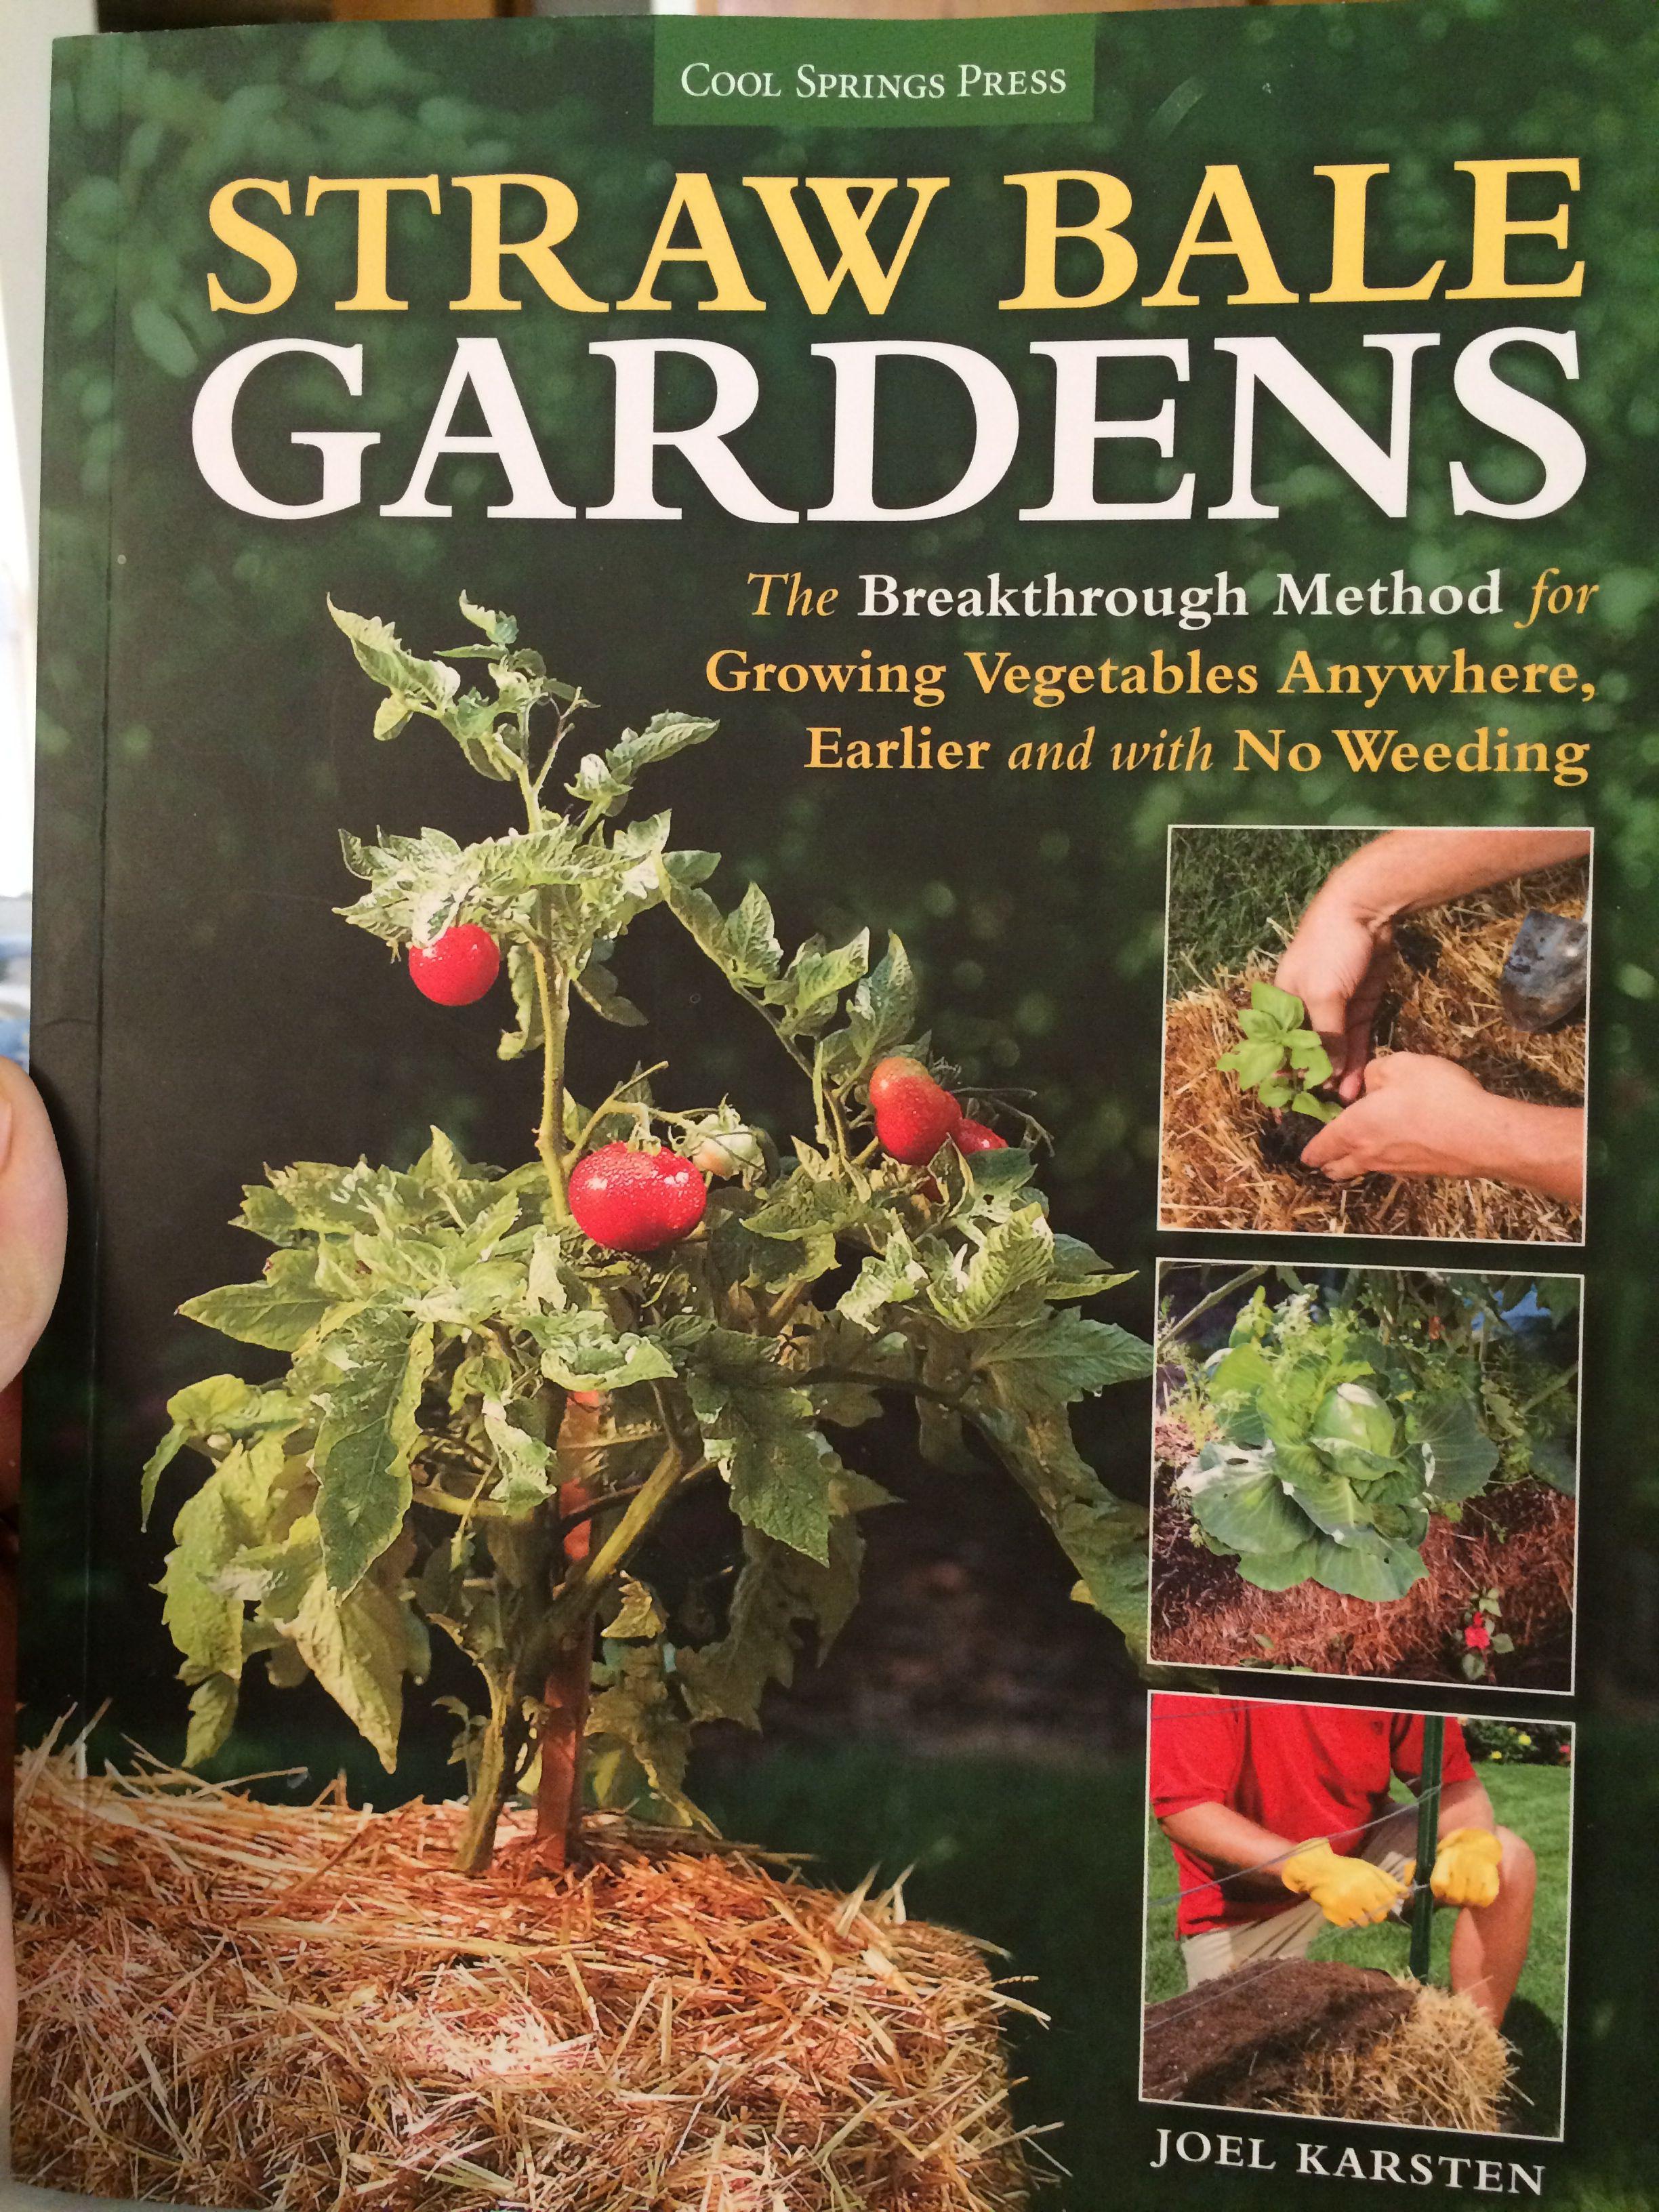 My straw bale garden bible   Straw bale garden   Pinterest   Straw ...